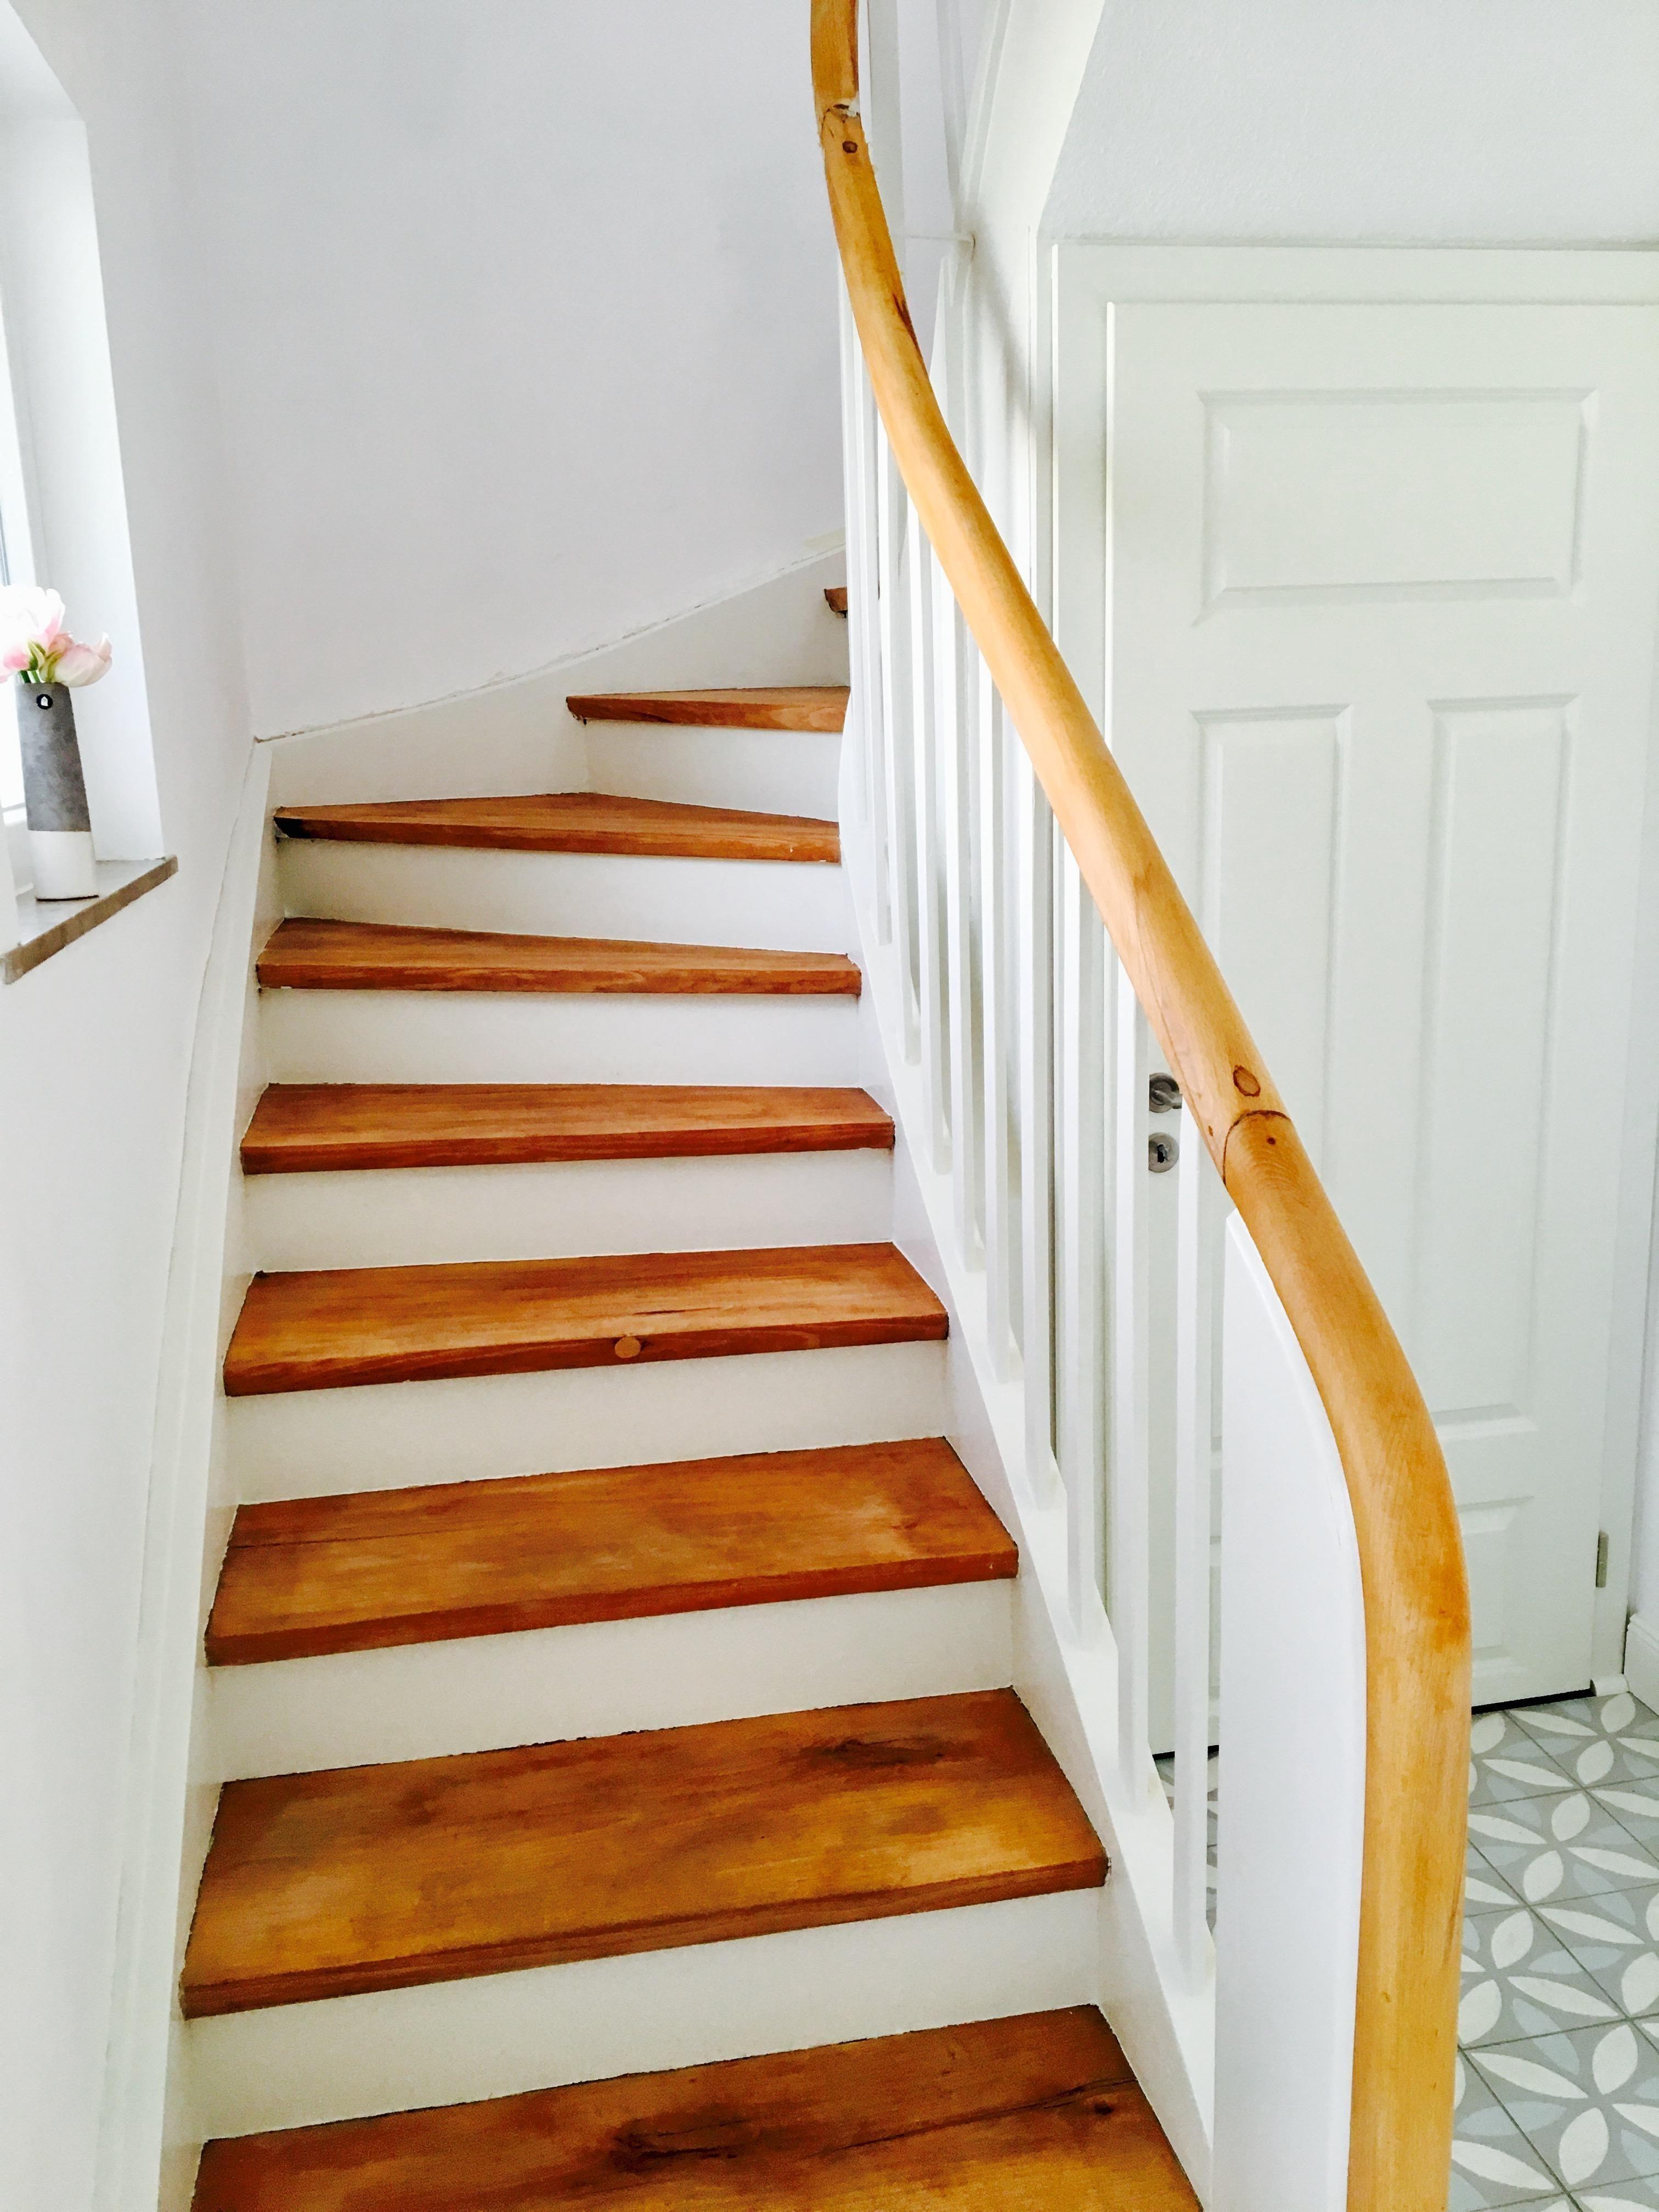 Fabulous Treppe schleifen #Zementfliesen #diy | Neue Wohnung in 2019 VD11